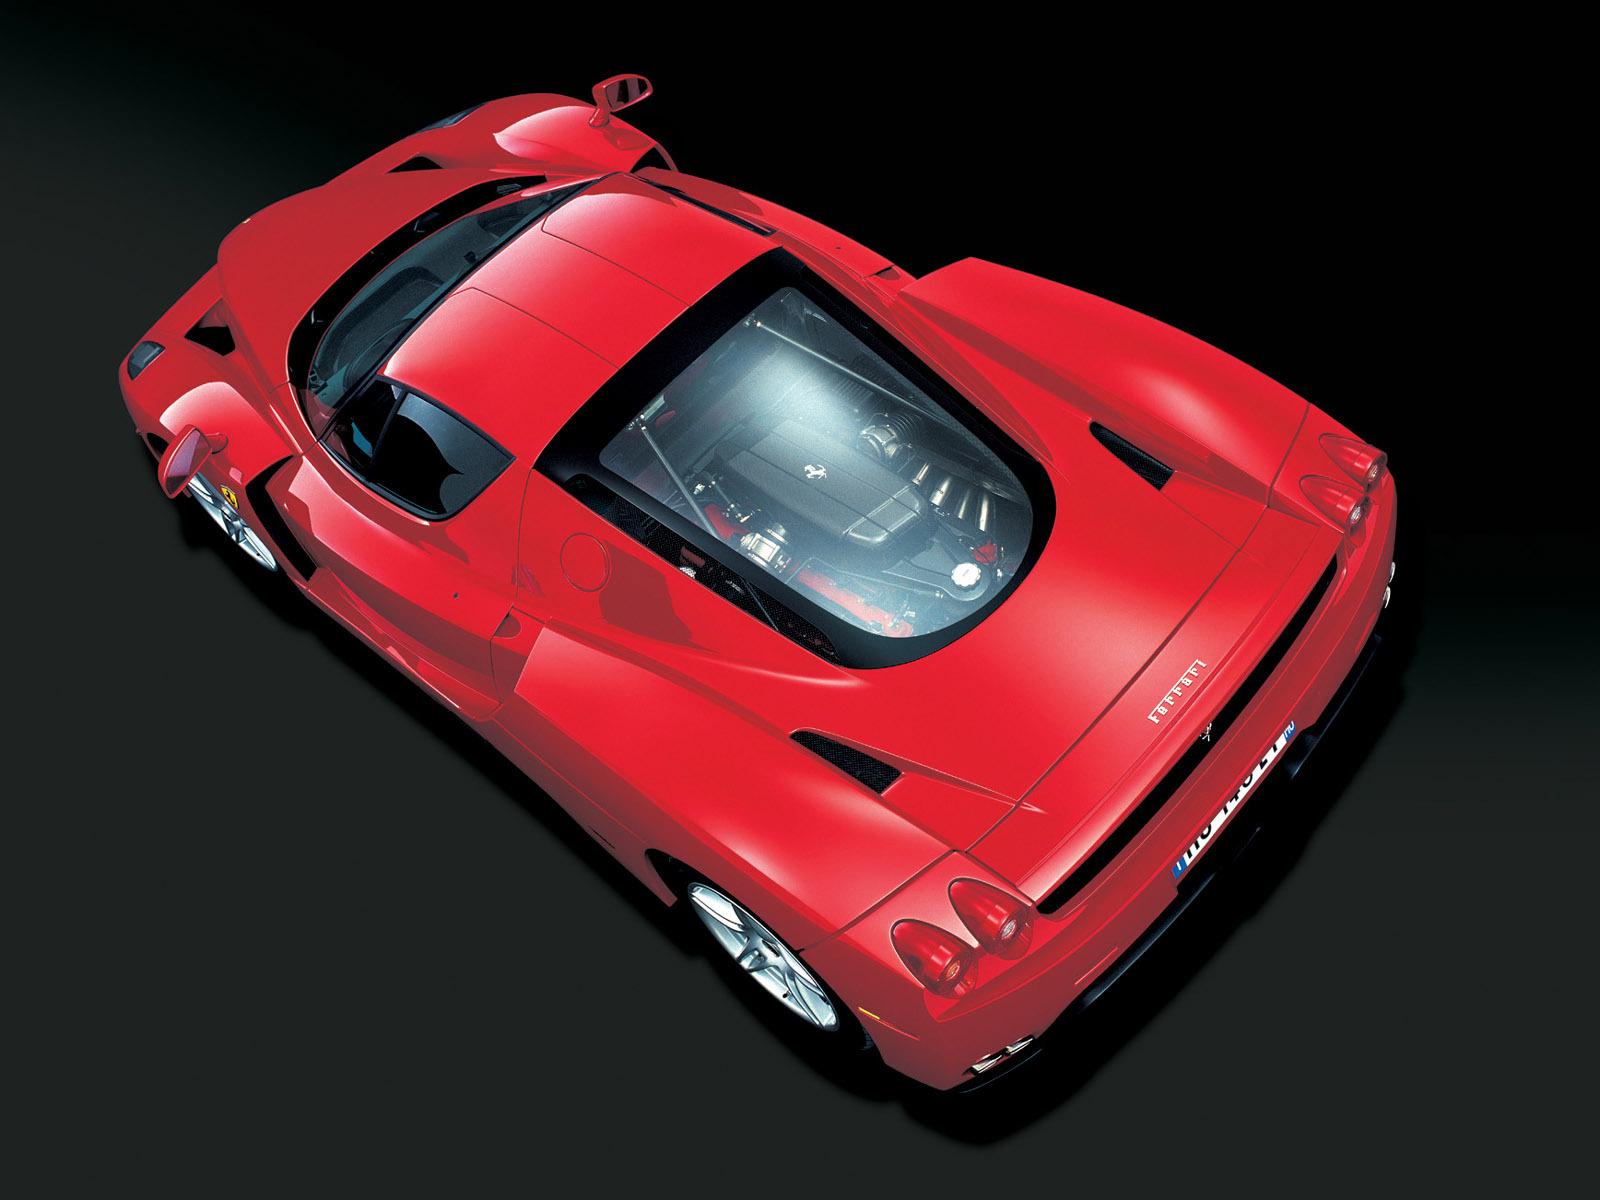 Gambar Mobil Ferrari: Gambar Mobil FERRARI Enzo 2002